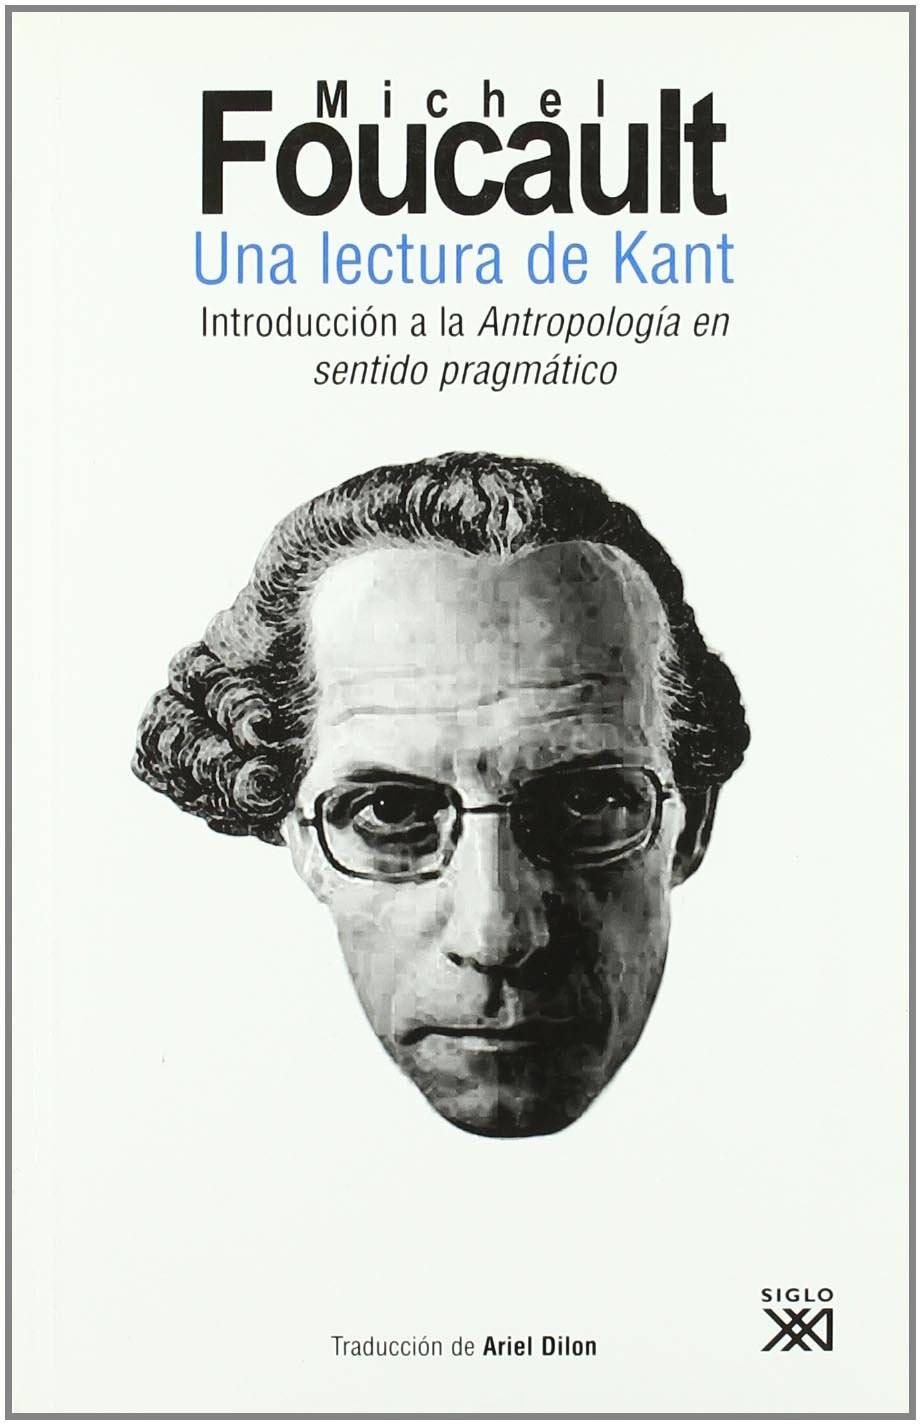 Una lectura de Kant: Introducción a la Antropología en sentido pragmático (Teoría) Tapa blanda – 22 feb 2010 Michel Foucault Daniel Defert François Ewald Frédéric Gros